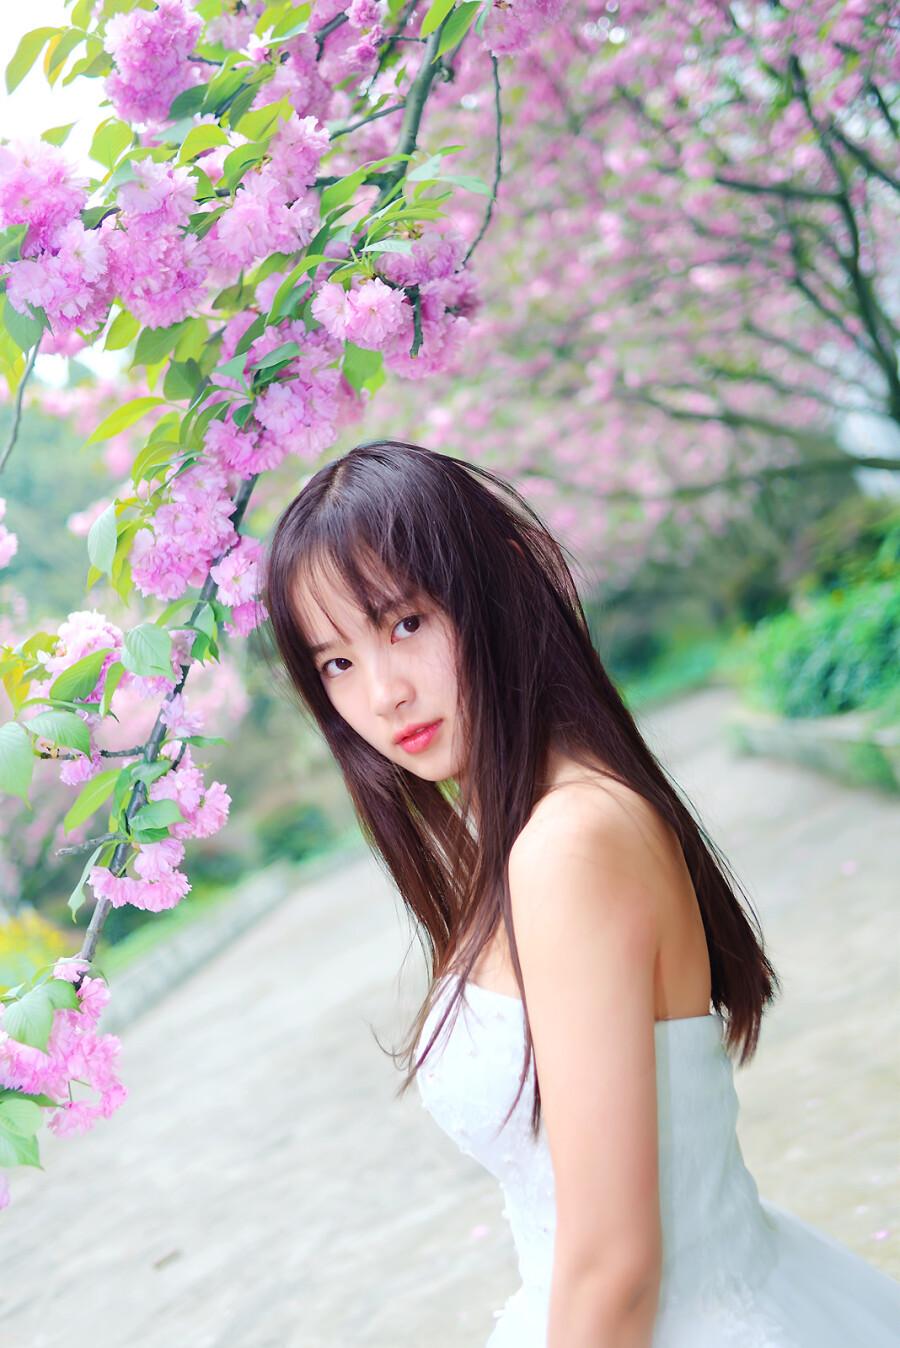 【美圖共享】◆ 穿越樱花林